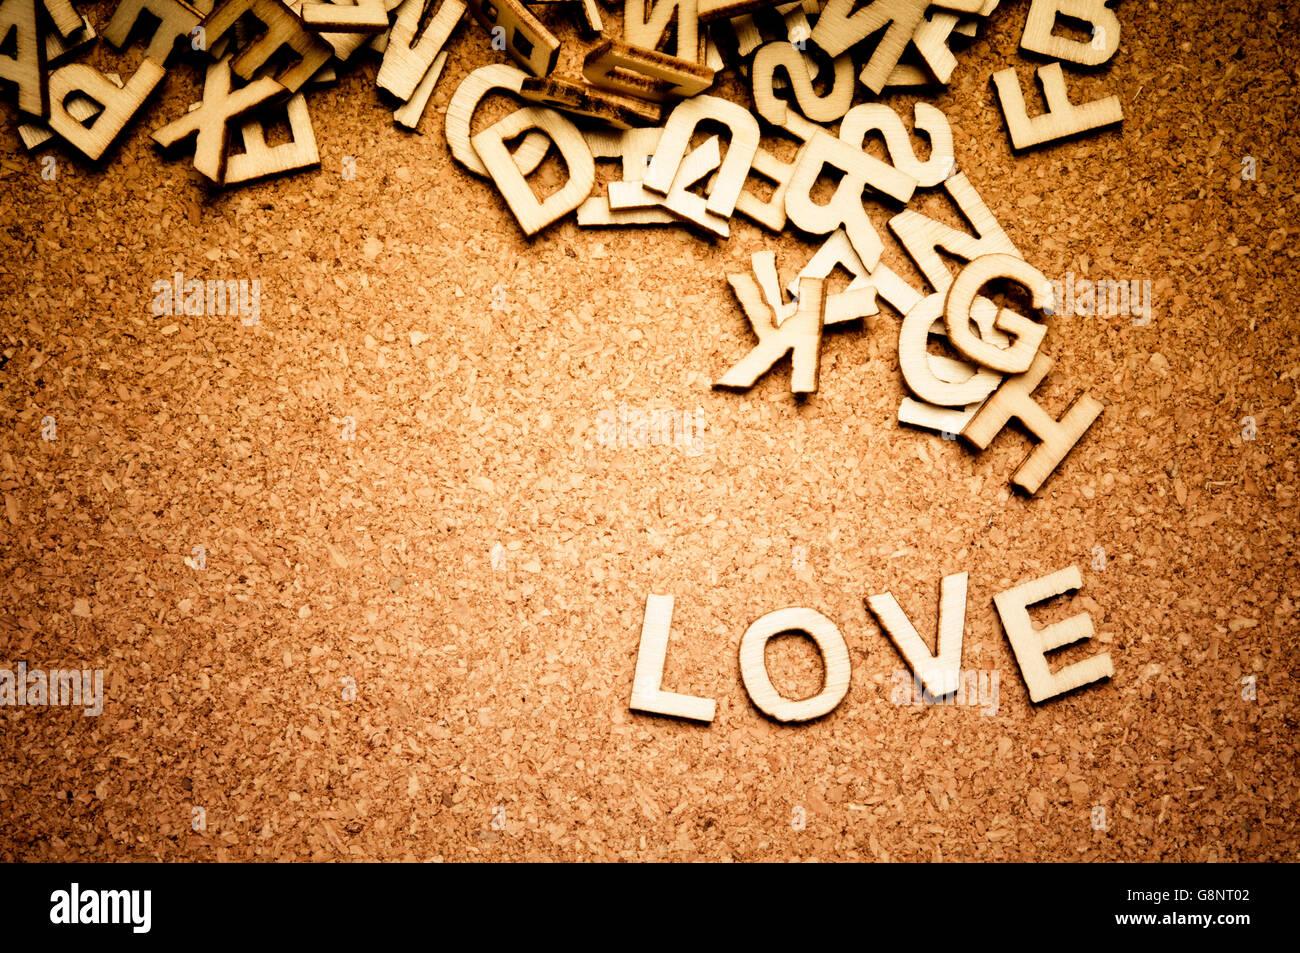 La parola amore scritto con lettere in legno Immagini Stock